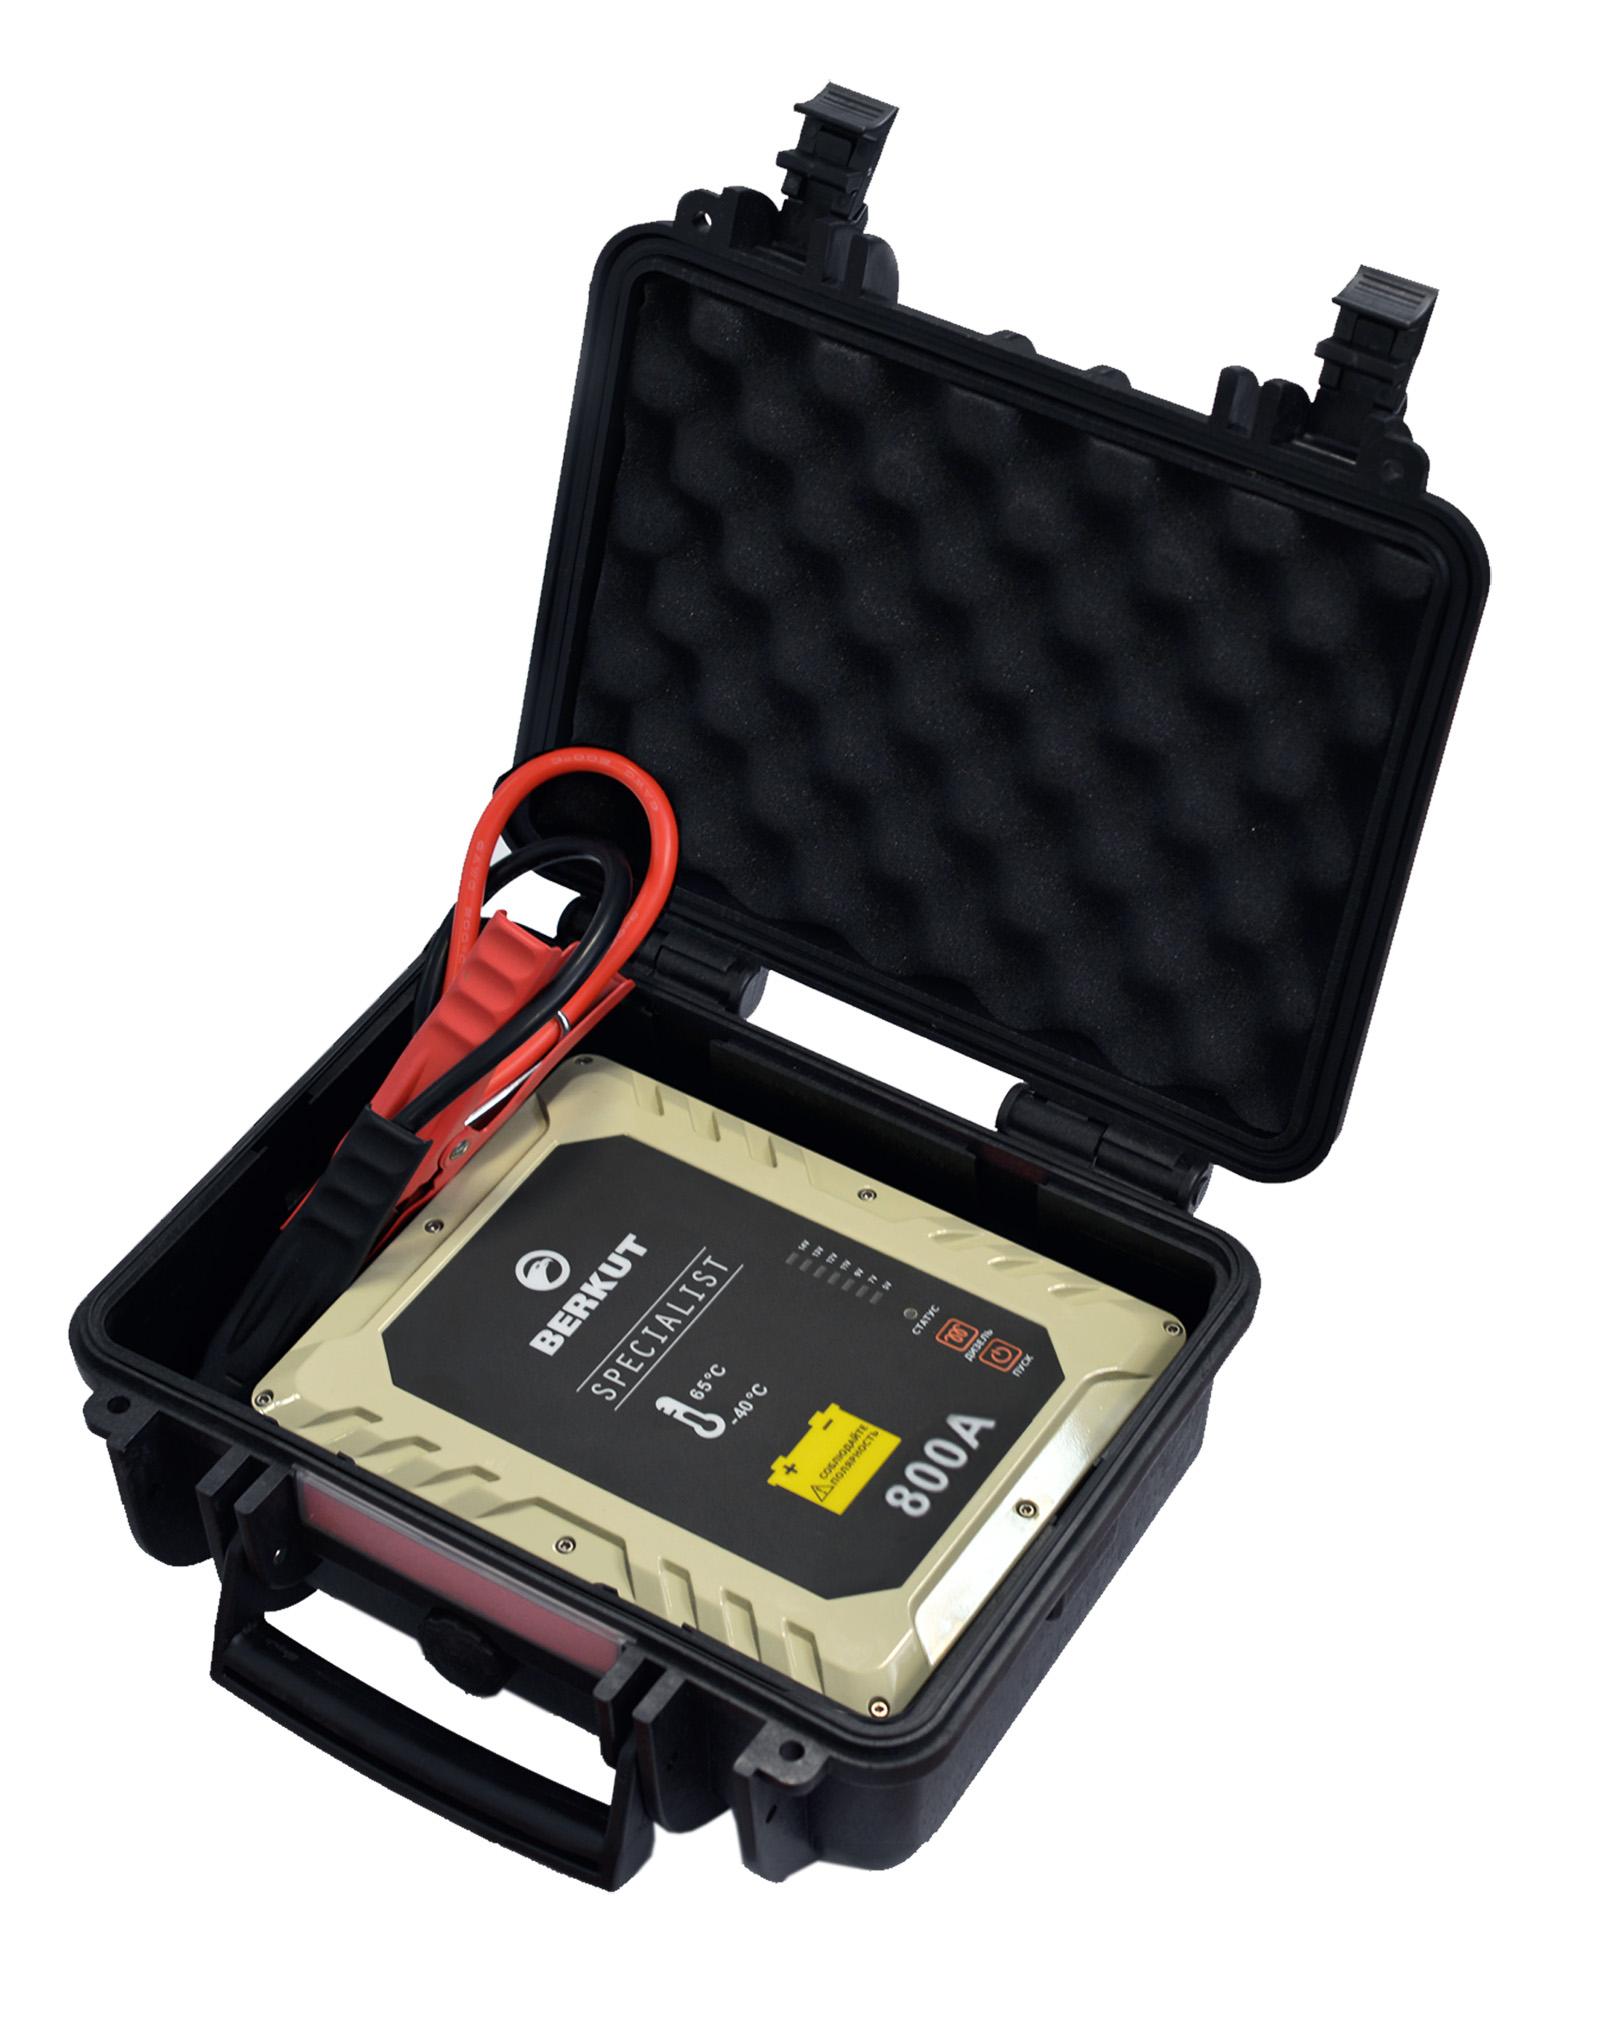 Пуско-зарядное устройство Berkut. JSC800С61/62/2Это специальное пусковое автомобильное устройство конденсаторного типа предназначено для аварийного запуска двигателя транспортного средства в случае неисправной АКБ. Главным достоинством устройства, отличающим его от прочих аналогов, является отсутствие аккумуляторов. Вместо них применены электроконденсаторы сверхбольшой емкости (ионисторы). Применение конденсаторного накопителя заряда позволяет гарантированно запустить двигатель автомобиля как с основательно разряженной АКБ, причем даже в том случае, когда ее остаточная емкость составляет всего 5%, так и без аккумулятора с предварительной зарядкой от АКБ или розетки прикуривателя другого автомобиля, а также от зарядного устройства с разъемом микро USB. Пусковое устройство рекомендовано для любых типов транспортных средств с бензиновым двигателем до 6000 см.куб. и дизельным двигателем до 4000 см.куб и напряжением бортовой сети 12В. Технические характеристики:- Напряжение на клеммах: 12 В- Пусковой ток: 800 A- Тип конденсаторов: пусковые, импульсные- Время зарядки от АКБ: до 5 мин- Время зарядки от прикуривателя 12V: 15-20 мин- Время зарядки от Мини USB 5V: 2-3 часа- Количество попыток запуска при полной зарядке: не более одного пуска- Диапазон температур для запуска и хранения: -40 °C +65 °C- Вход Micro USB: 5В (2000 мА)- Вход для зарядки: 12В (10 А) Функциональные особенности:- Не требует подзарядки во время хранения- Готов к использованию вне зависимости от продолжительности хранения- Режим для запуска двигателя автомобиля без аккумулятора- Специальный режим запуска дизеля с предварительным прогревом свечей- Встроенный вольтметр для определения напряжение аккумулятора автомобиля- Отсутствие падение емкости заряда с понижением температур- Нет снижения емкости заряда связанные со старением устройства- Защита от переполюсовки (неправильной полярности)- Защита от короткого замыкания- Цикл заряд/разряд до 10 000 раз- Срок годности - более 10 лет